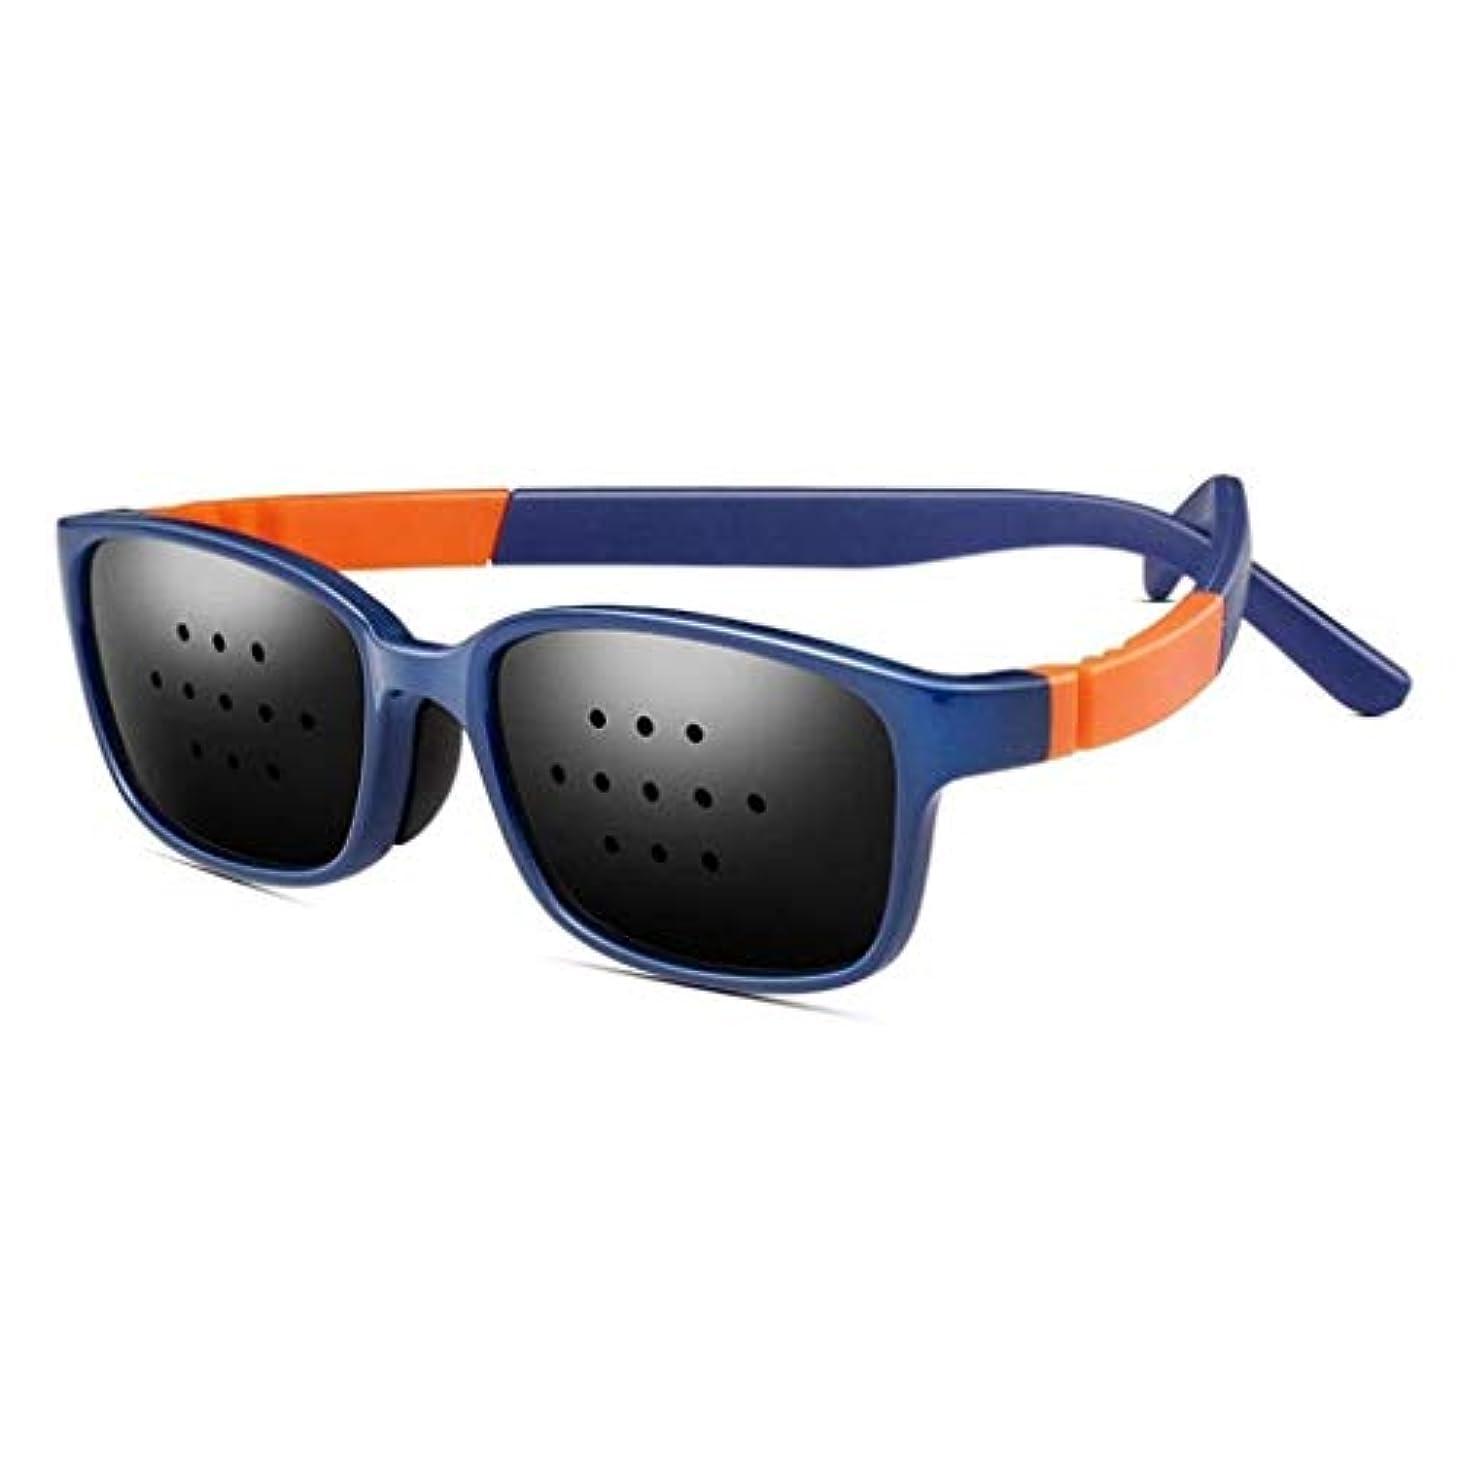 ハイランド慎重に安心させるピンホールメガネ、視力矯正メガネ網状視力保護メガネ耐疲労性メガネ近視の防止メガネの改善 (Color : 青)